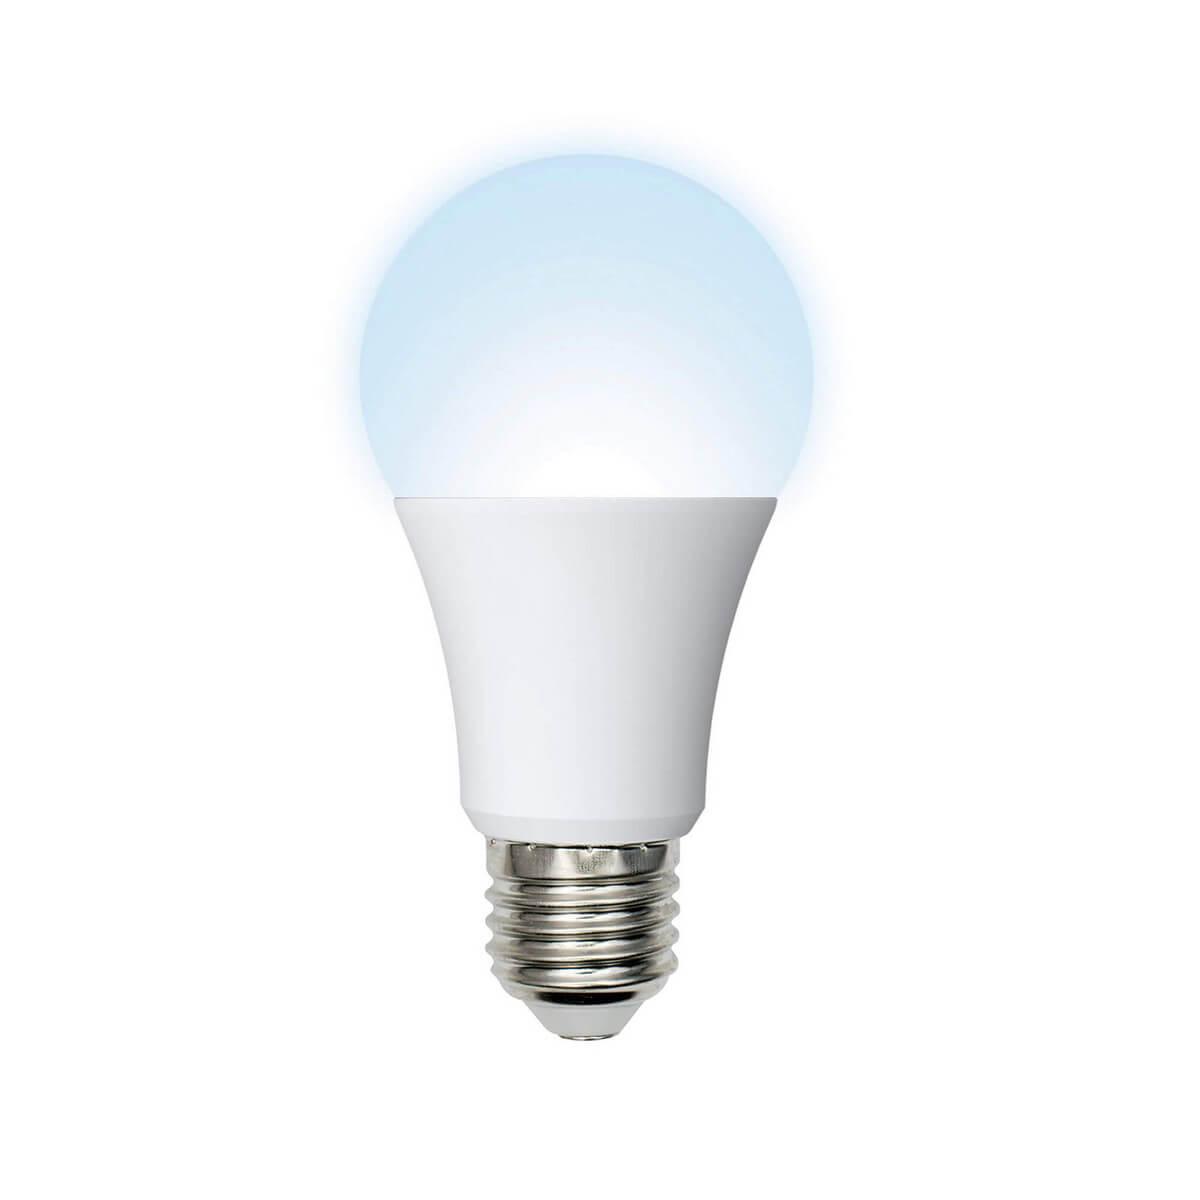 цена на Лампочка Volpe LED-A60-8W/NW/E27/FR/DIM/O LED-A60 (Диммирование)